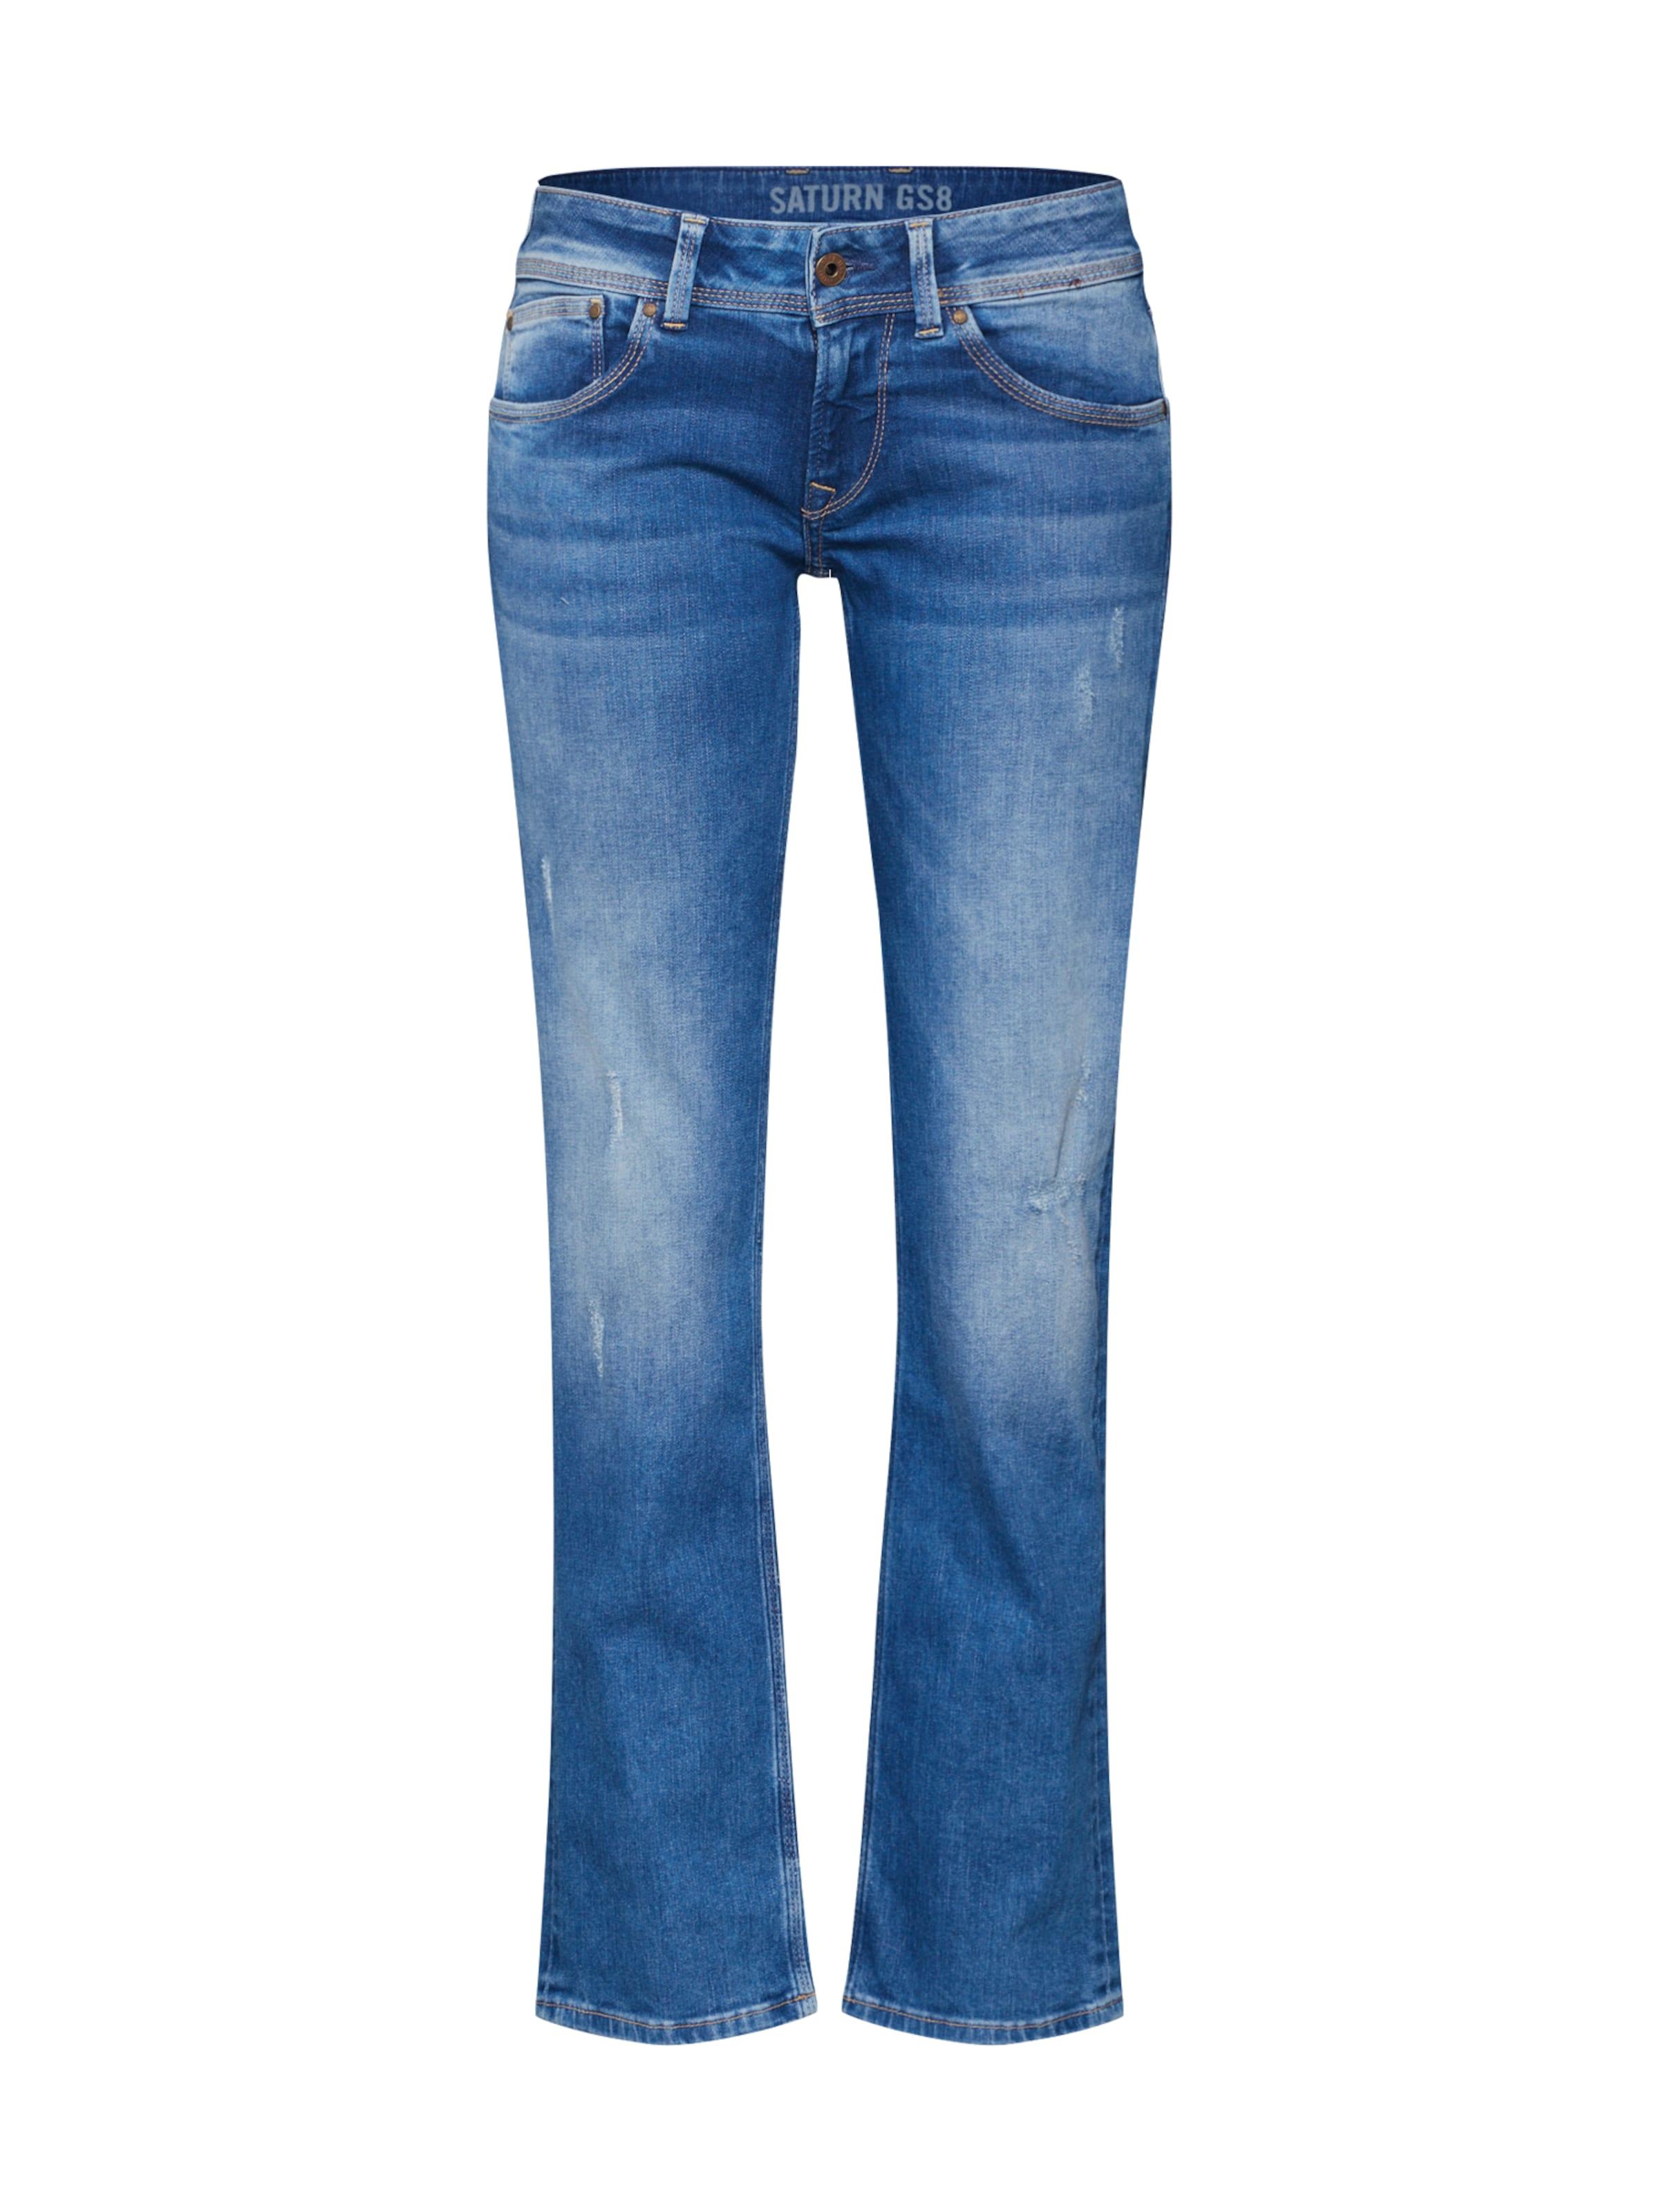 Denim Pepe 'saturn' Jeans In Blue tQrdxBsohC